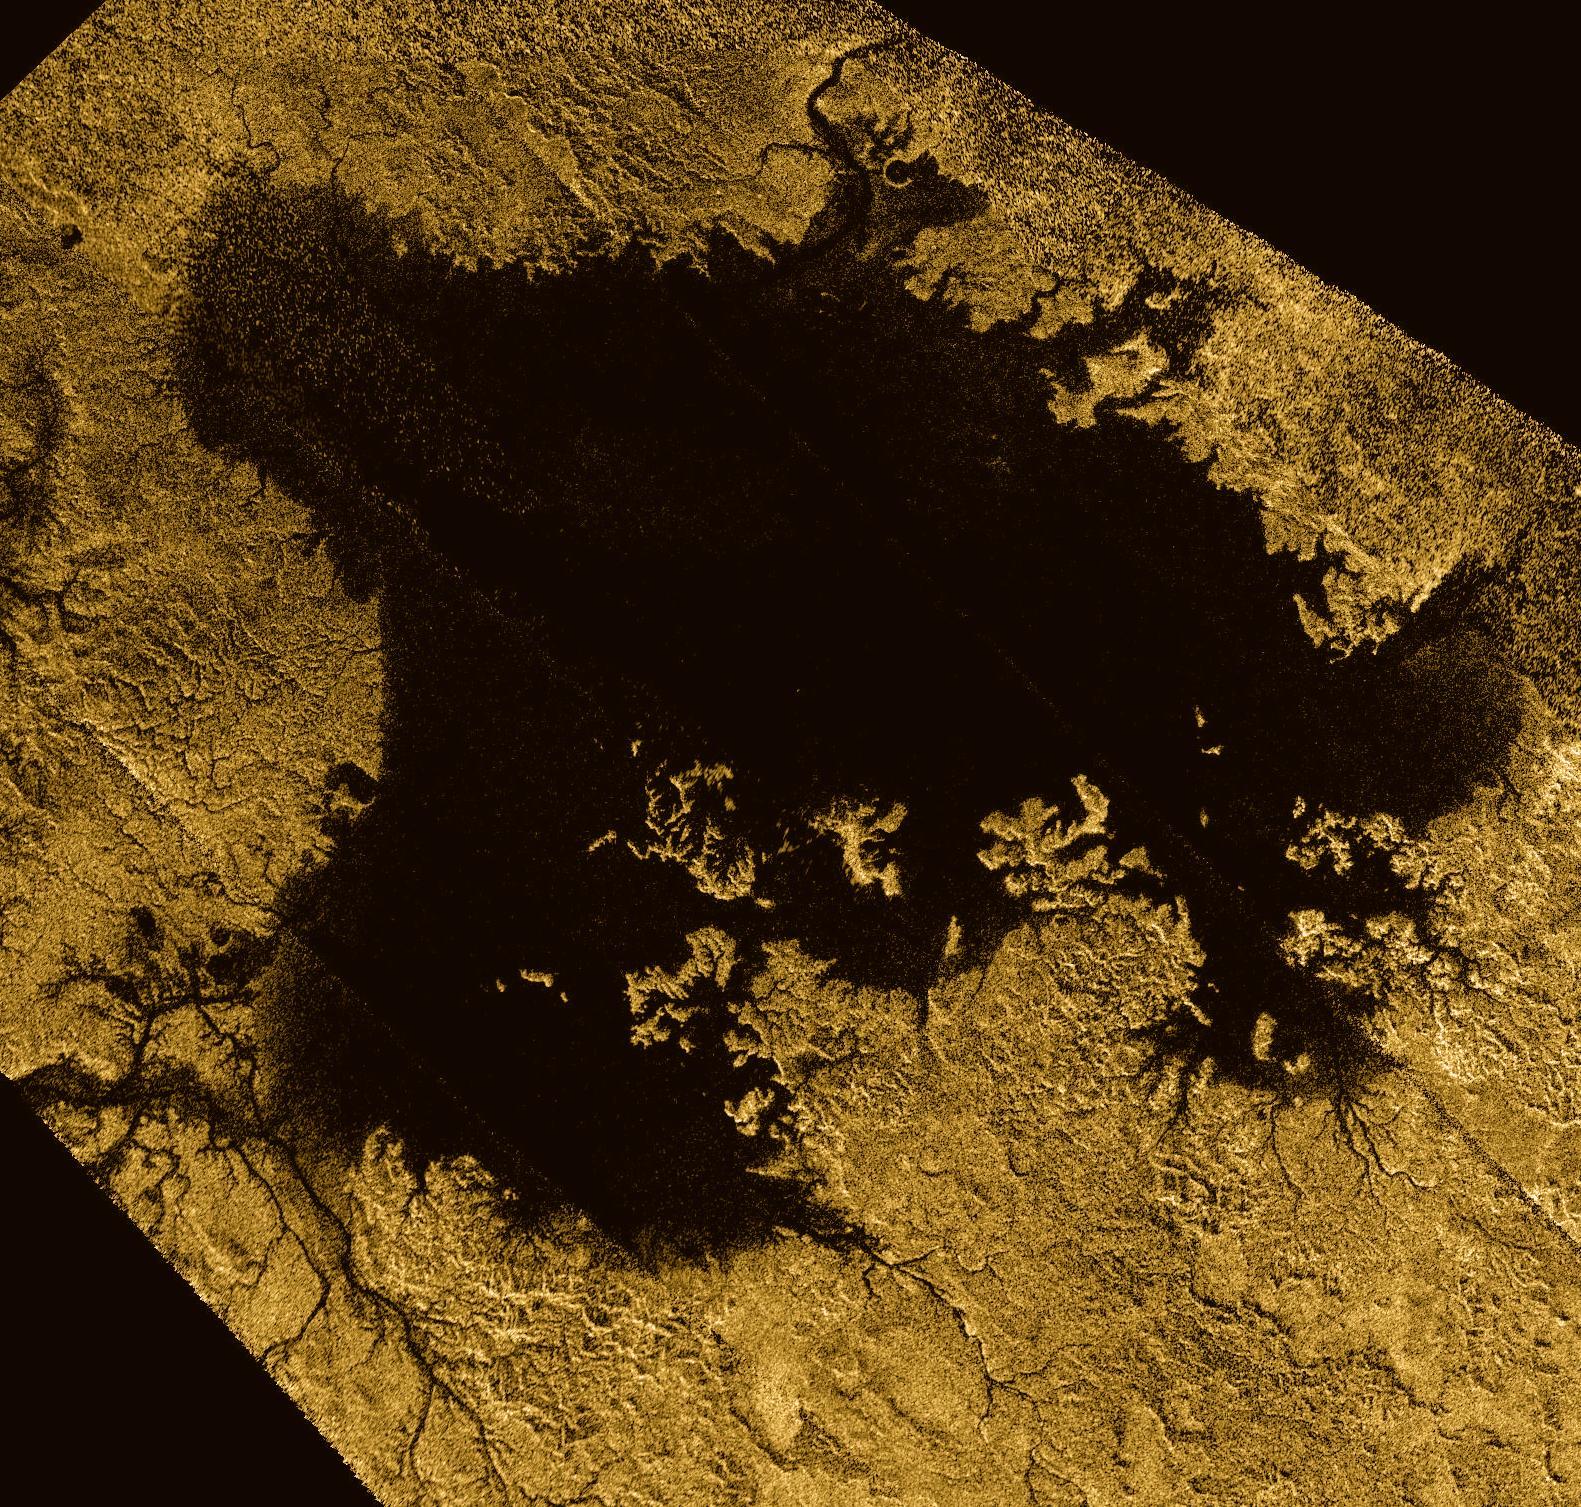 Ligeia Mare è la seconda maggiore distesa di metano liquido sulla superficie di Titano, dopo il Kraken Mare. Crediti: ESA.